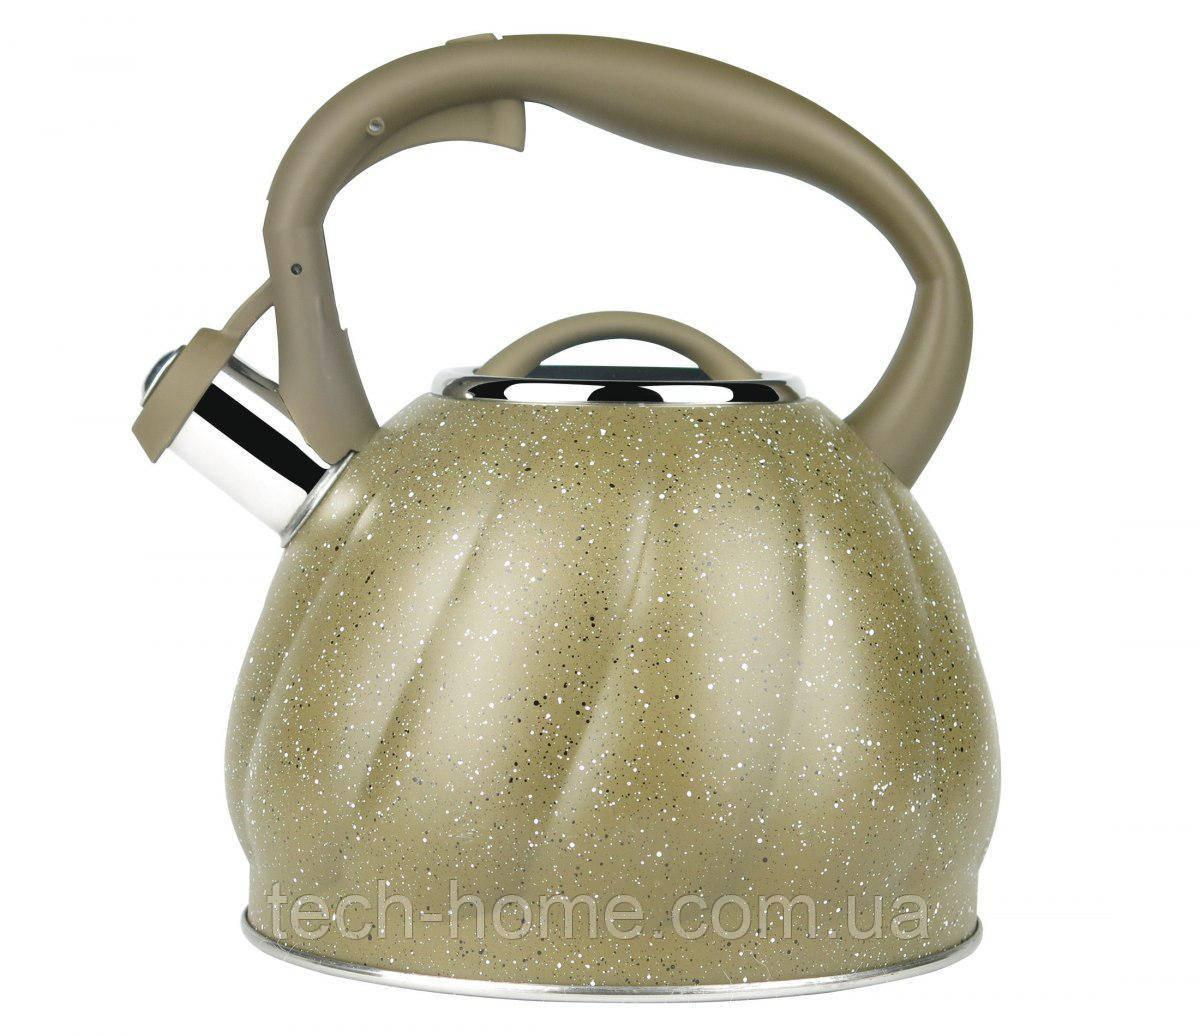 Чайник газовый Rossner Austria T7001 3l